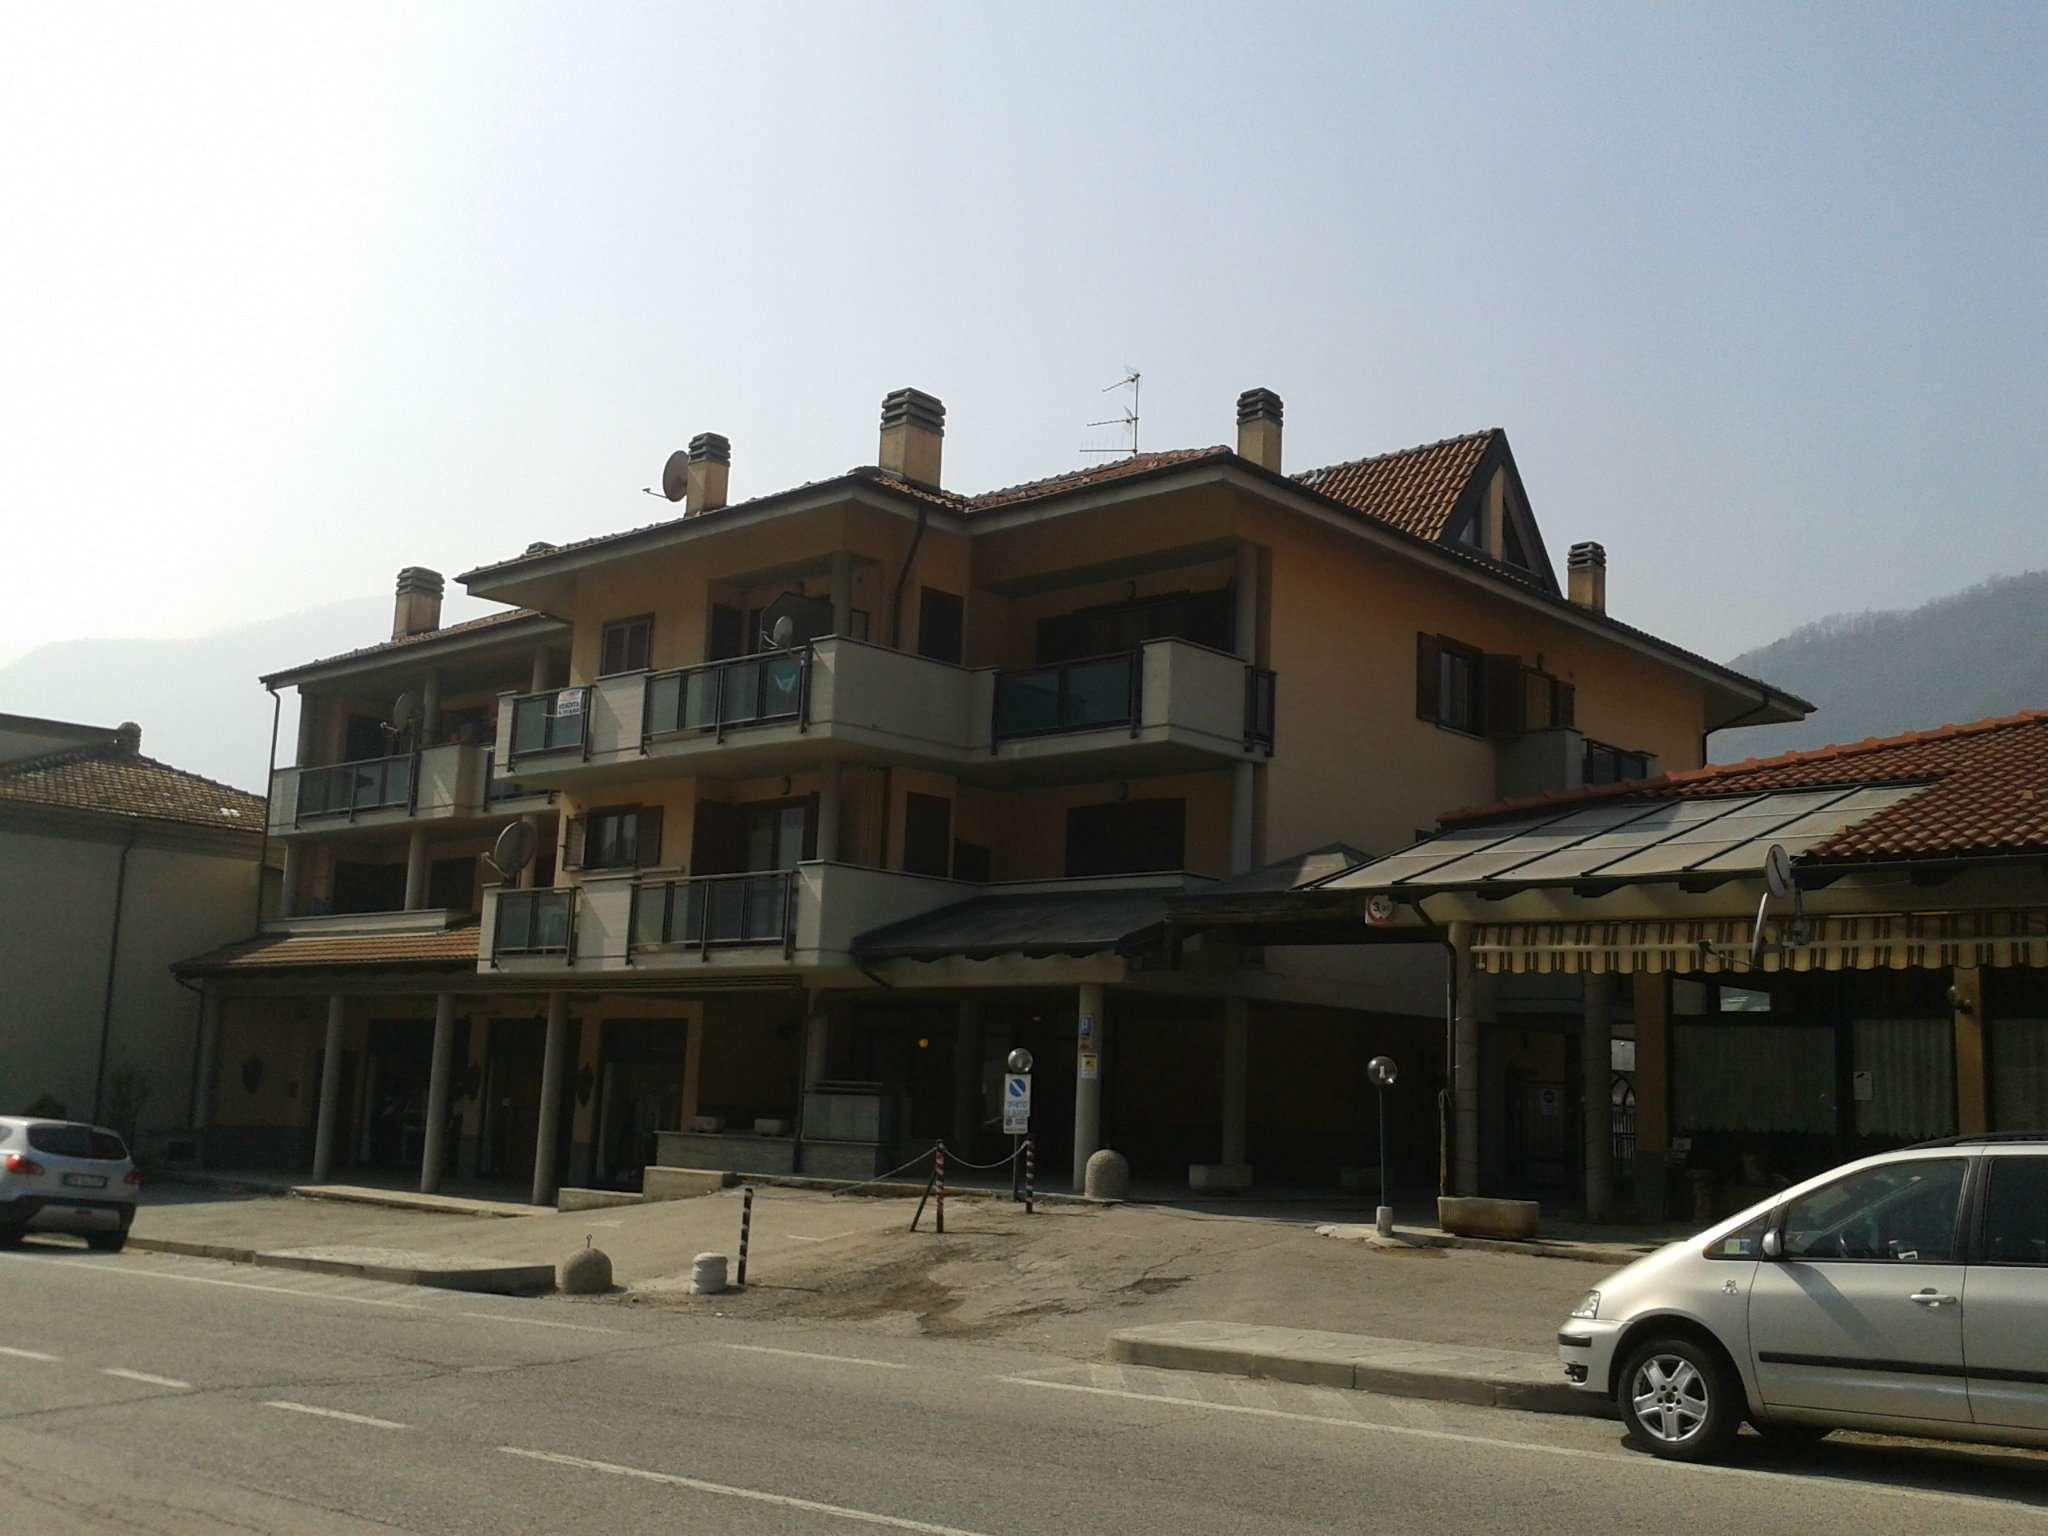 Attico / Mansarda in vendita a Villar Perosa, 1 locali, prezzo € 70.000 | Cambio Casa.it